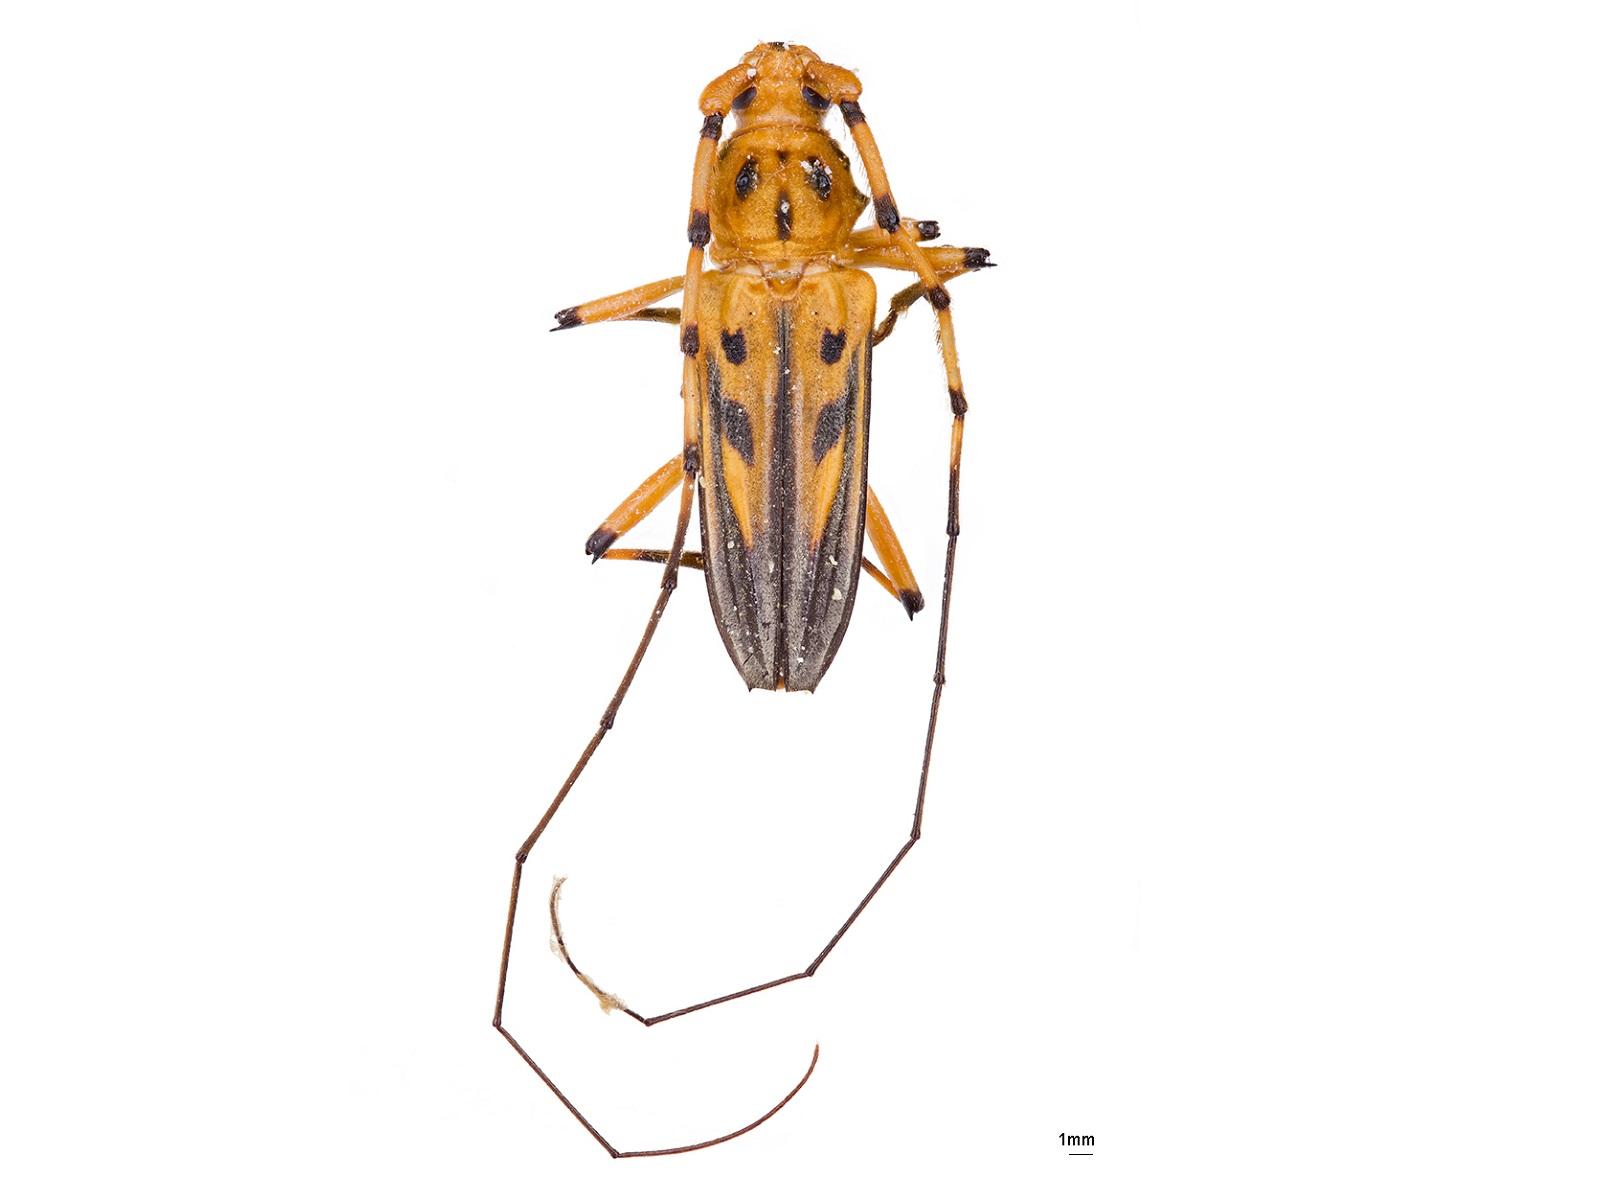 Ceragenia bicornis (Fabricius, 1801)